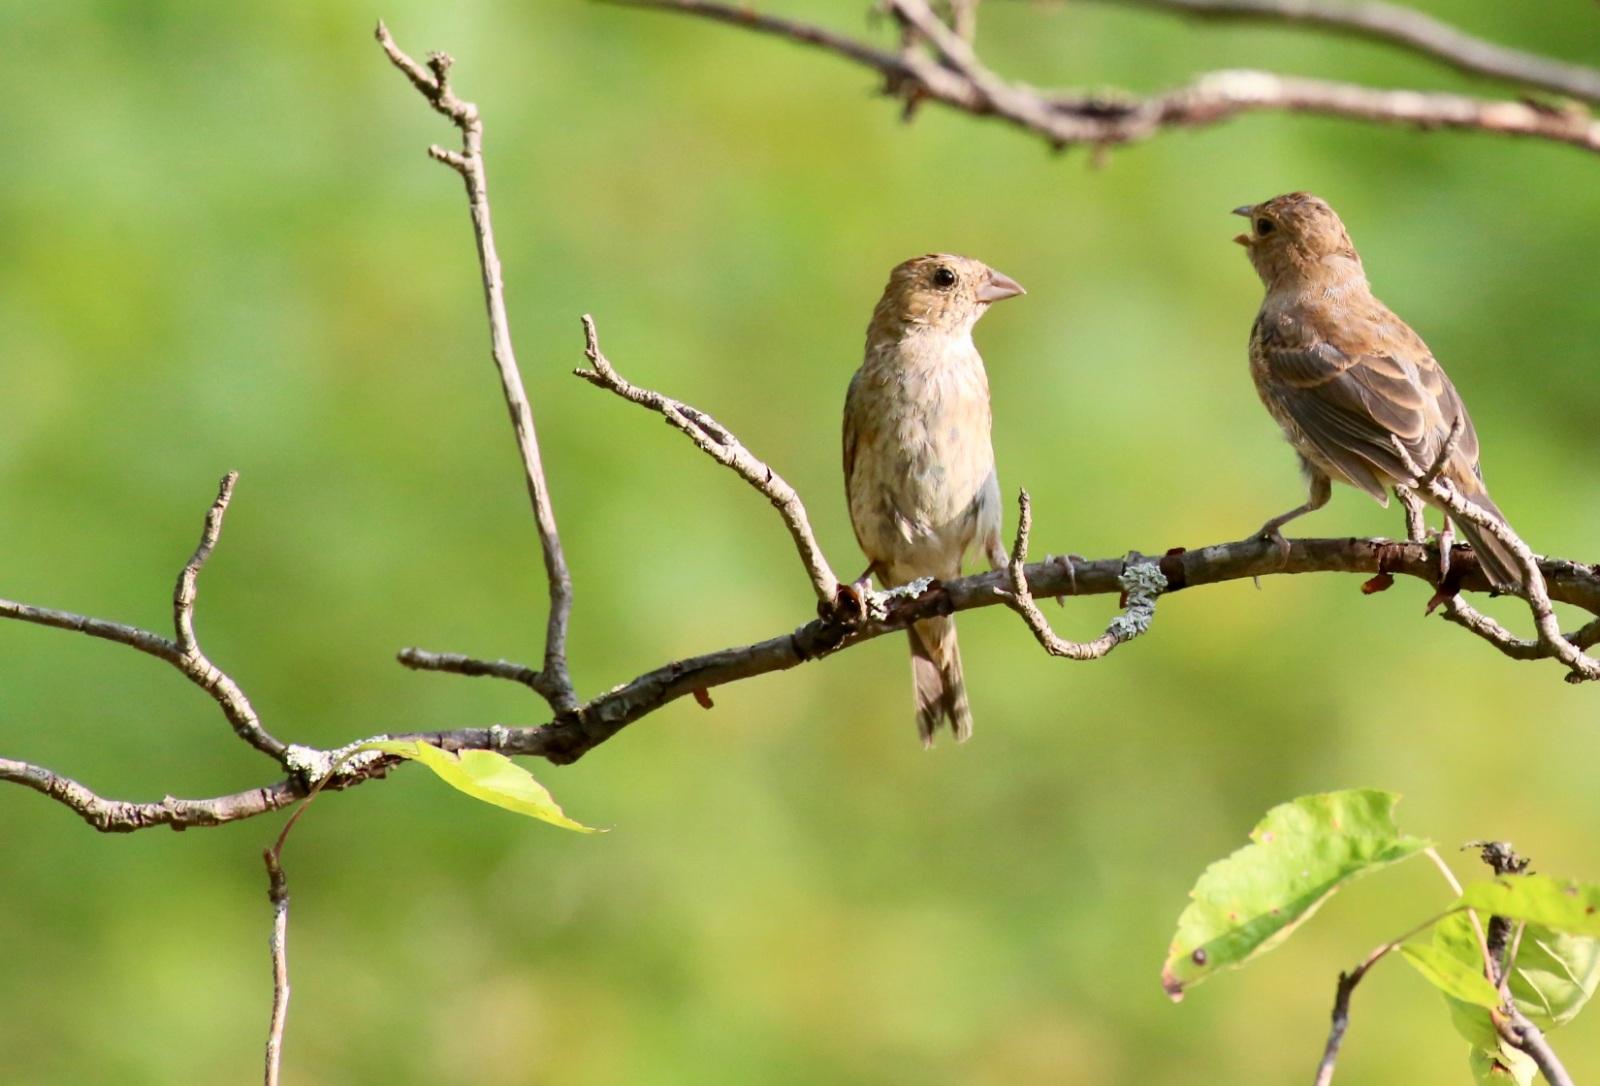 Birds in Conversation